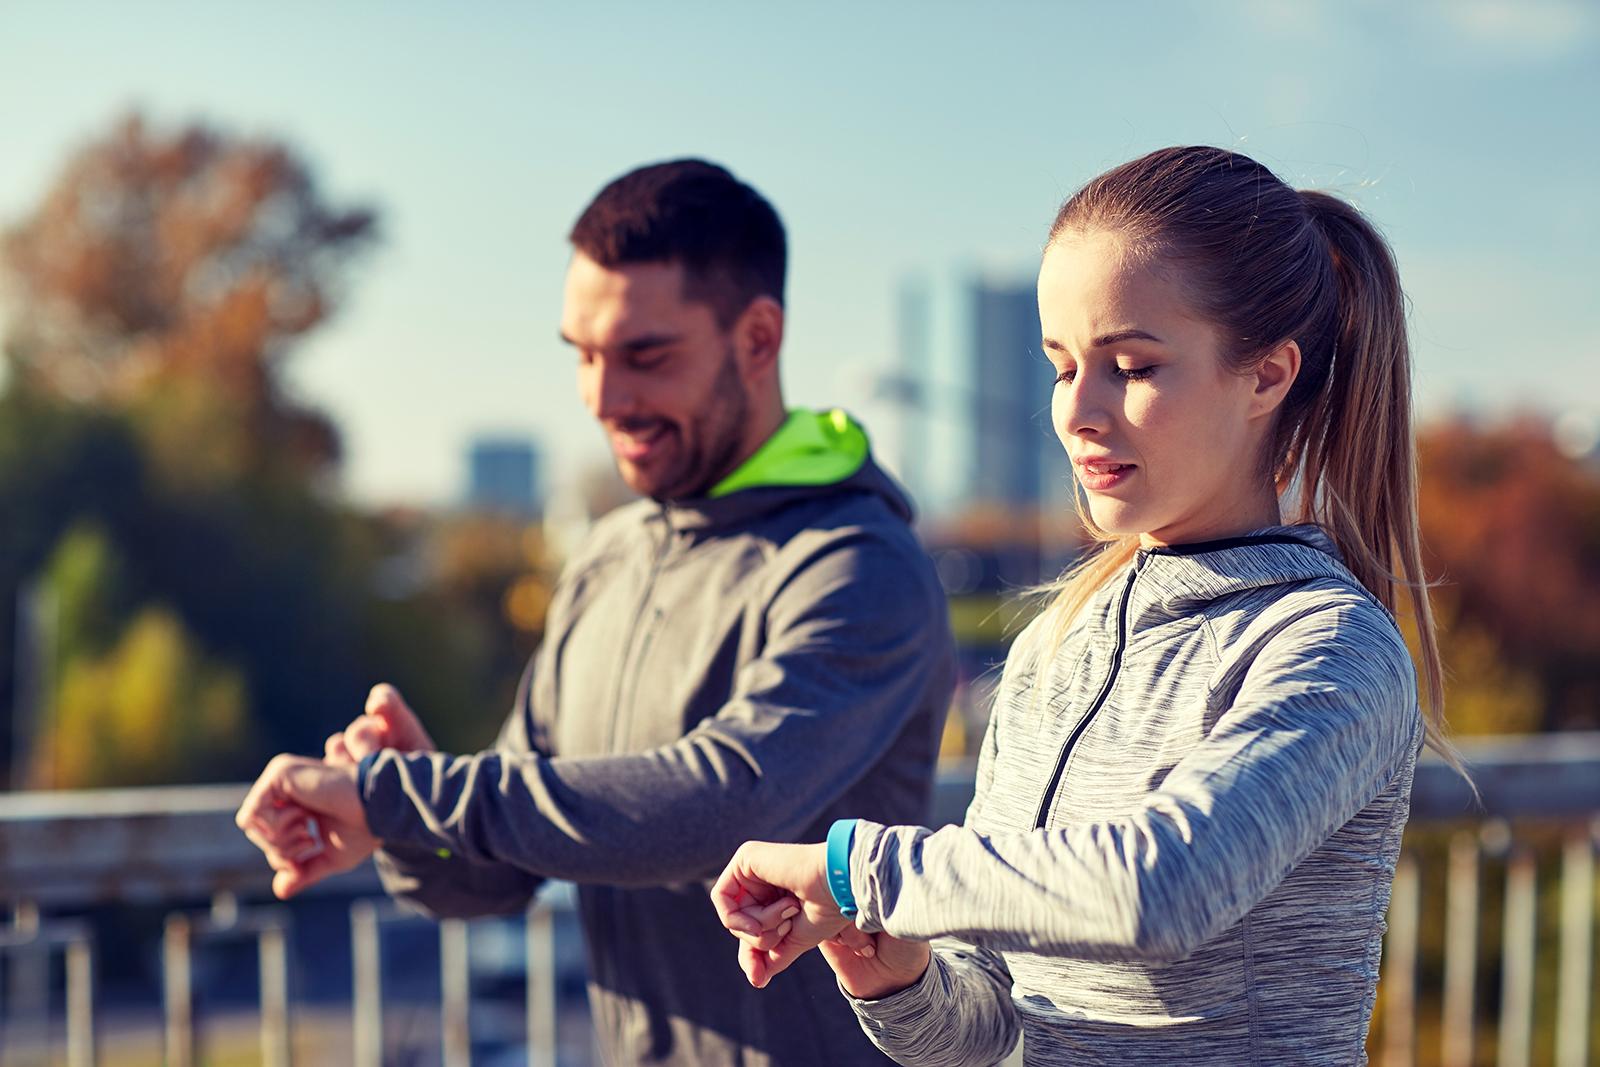 Как точно фитнес-браслеты и смартфоны подсчитывают сжигаемые калории (мнение экспертов)